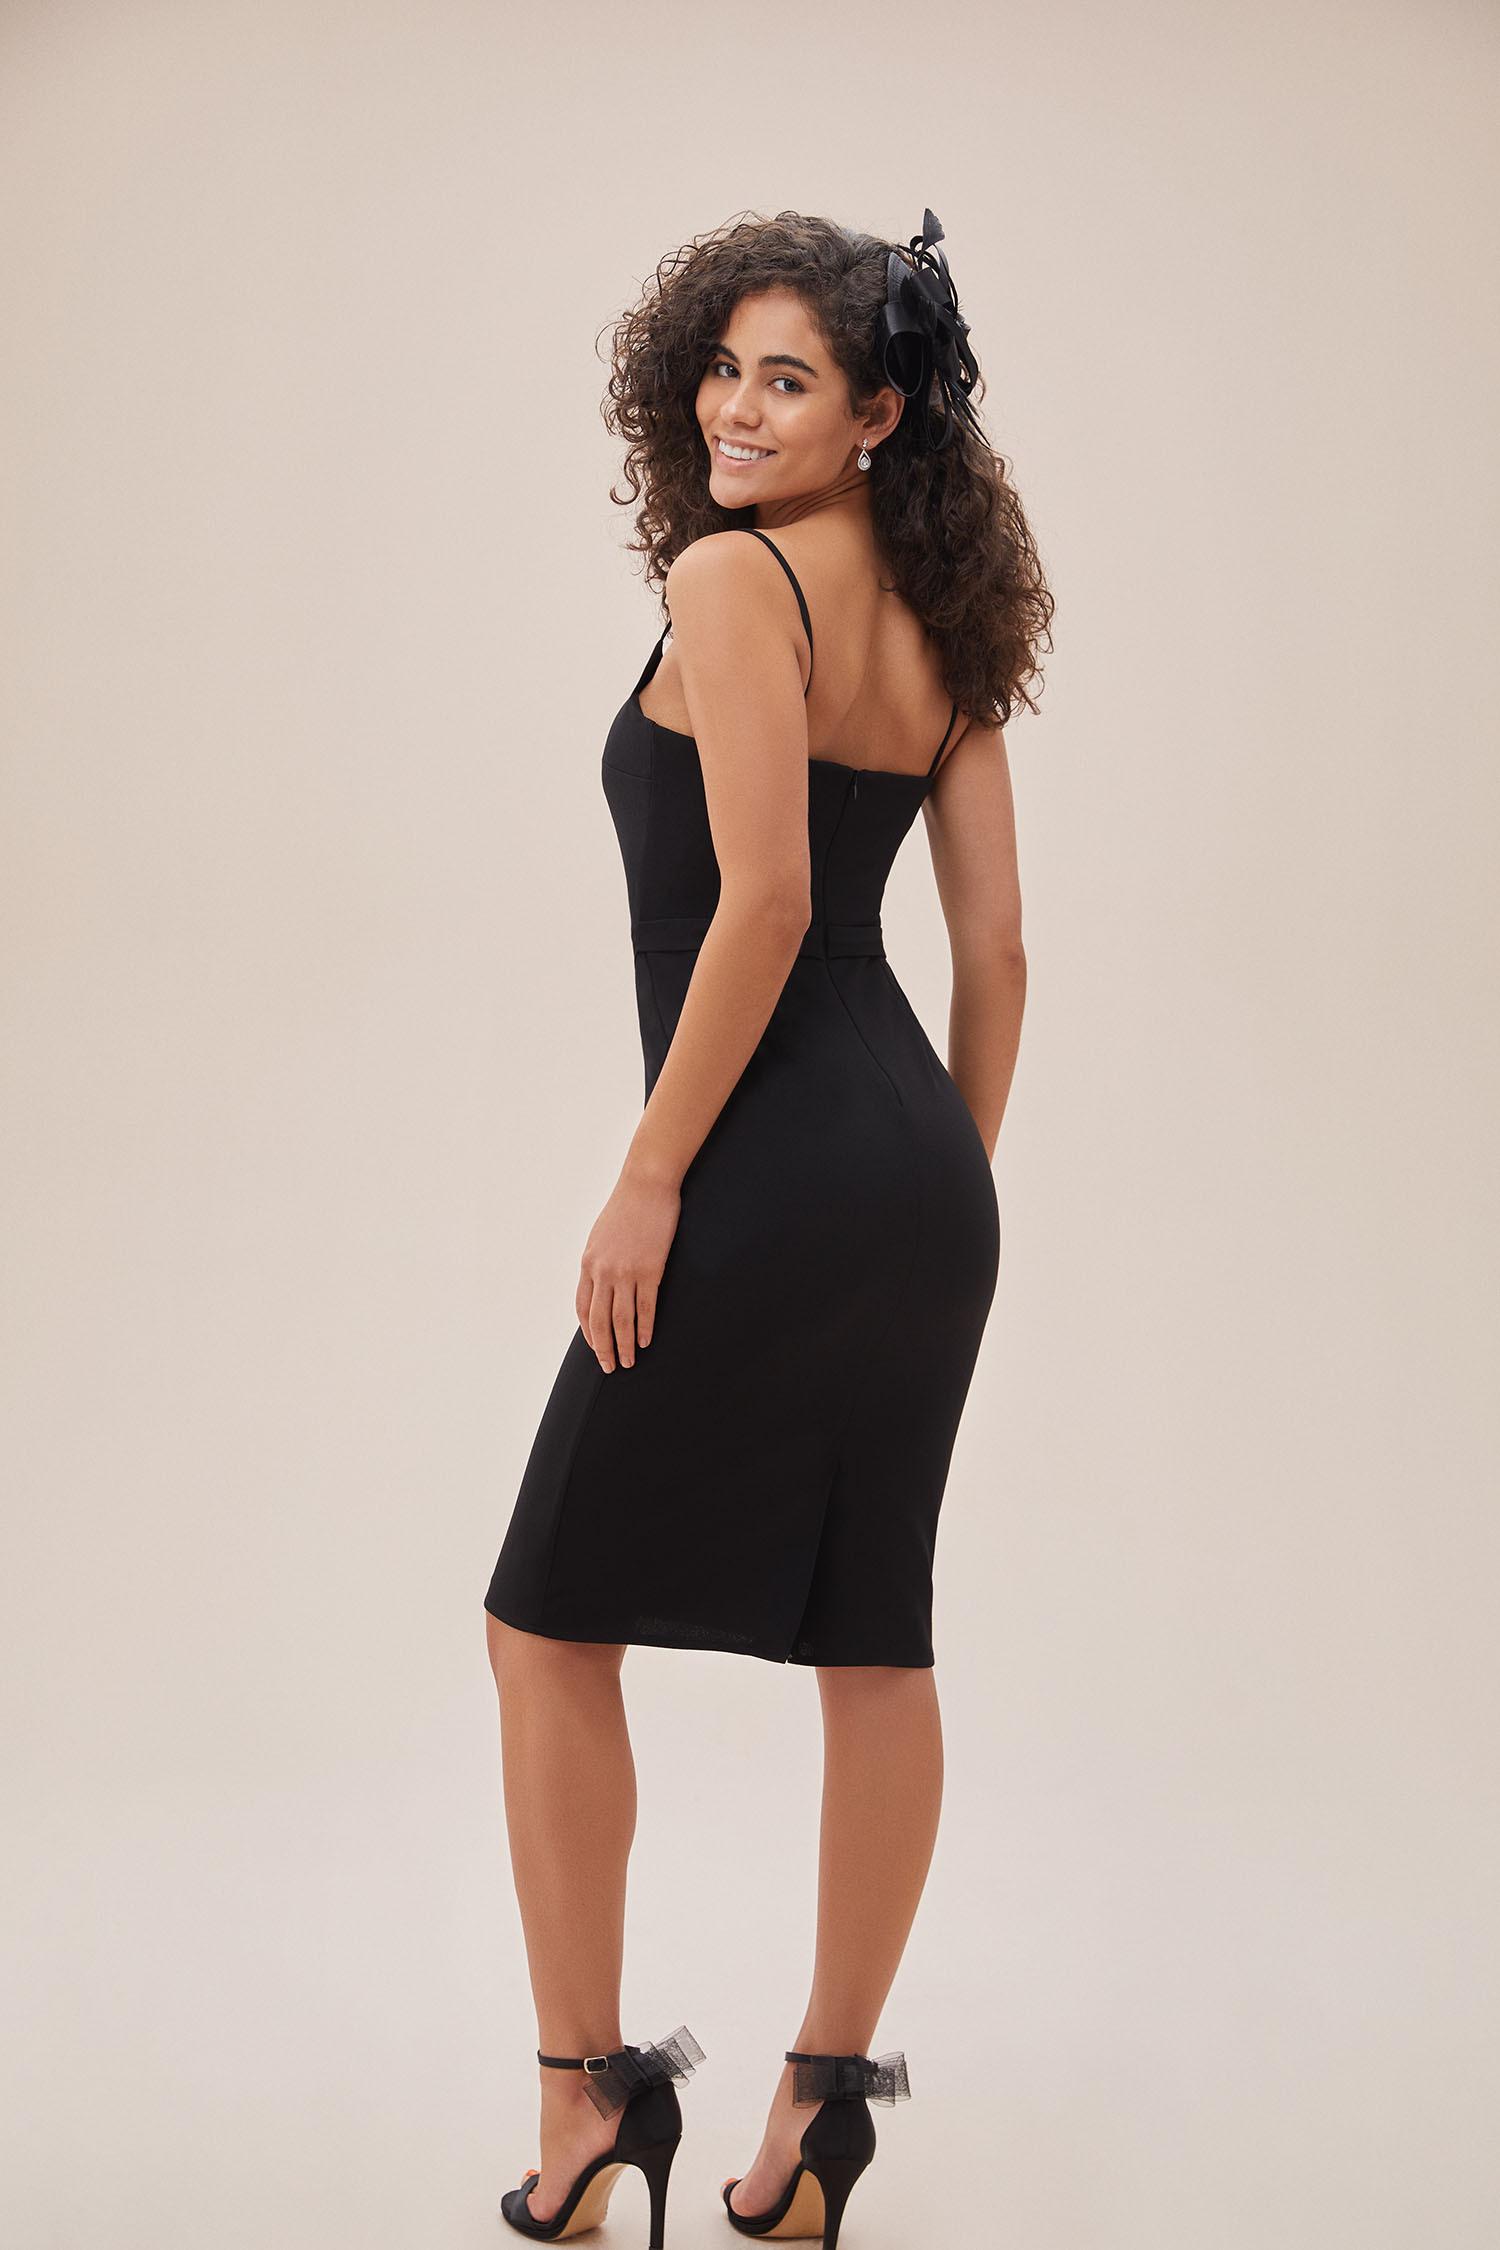 OLEG CASSINI TR - Siyah İnce Askılı Midi Boy Krep Elbise (1)